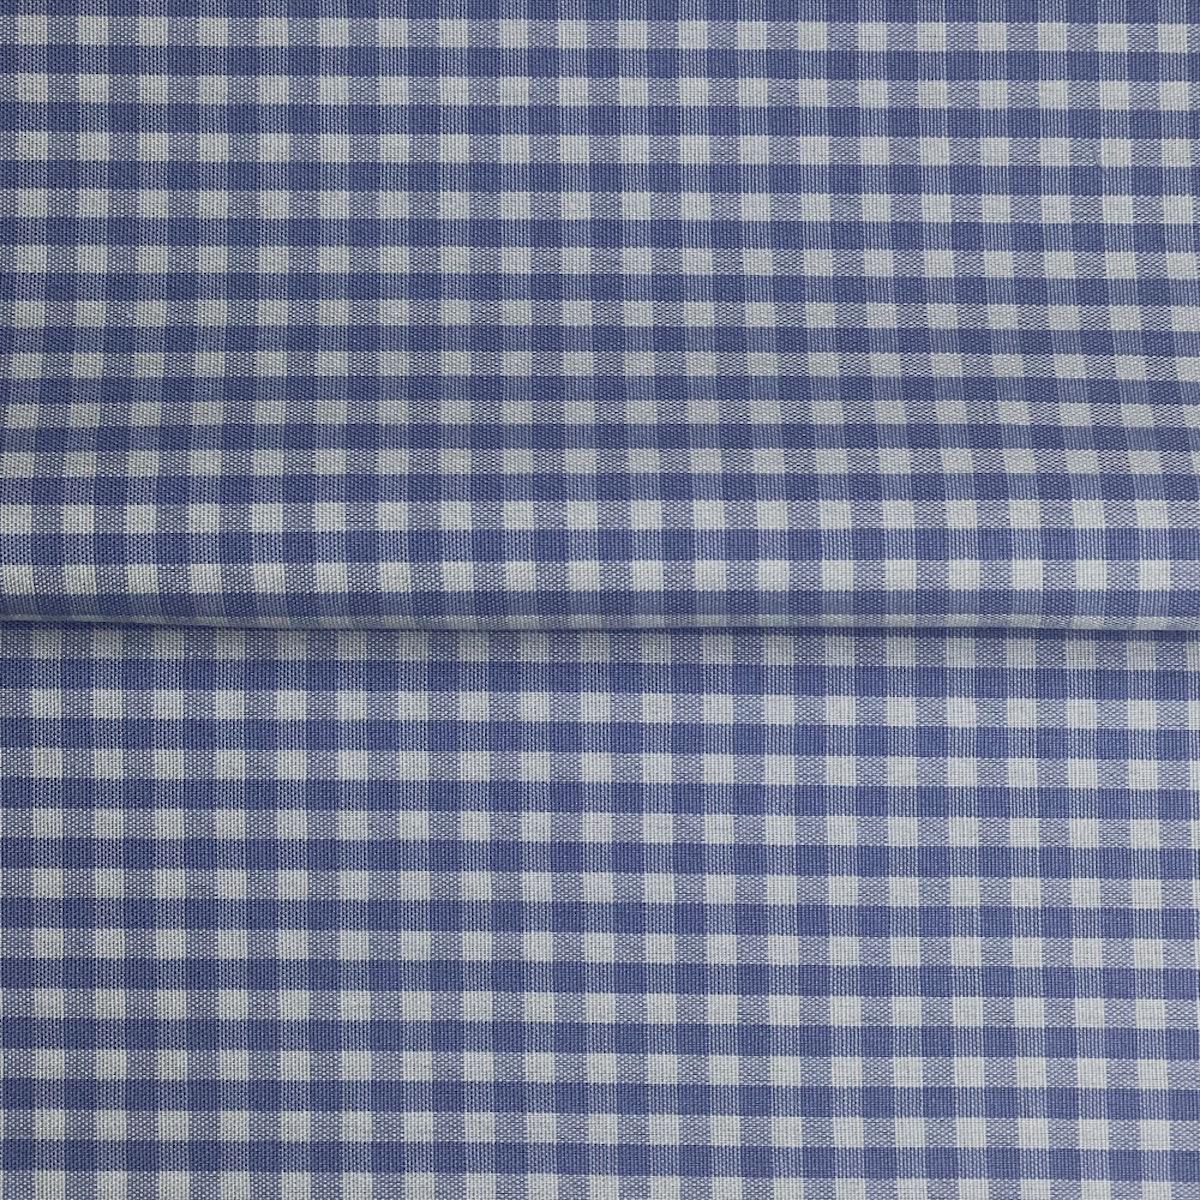 InStitchu Shirt Fabric 253